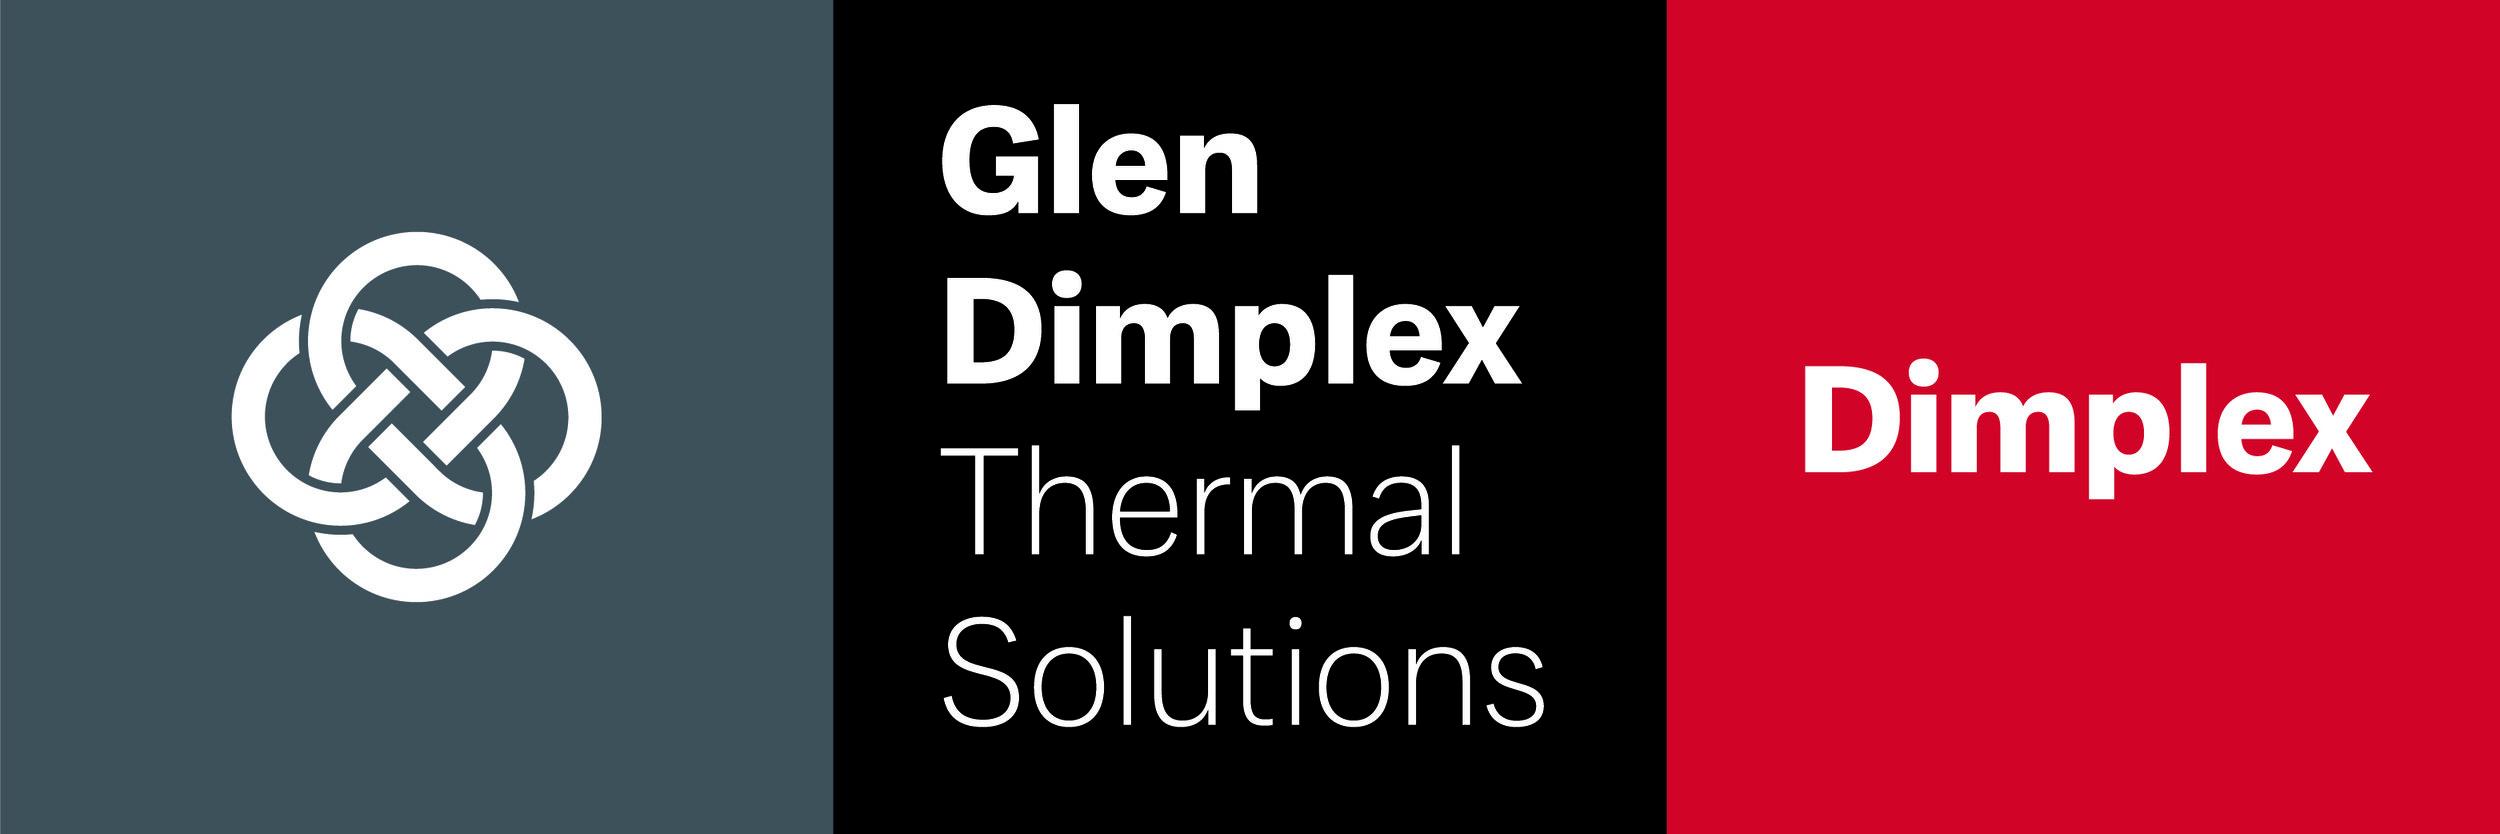 Glen Dimplex_Dimplex.jpg